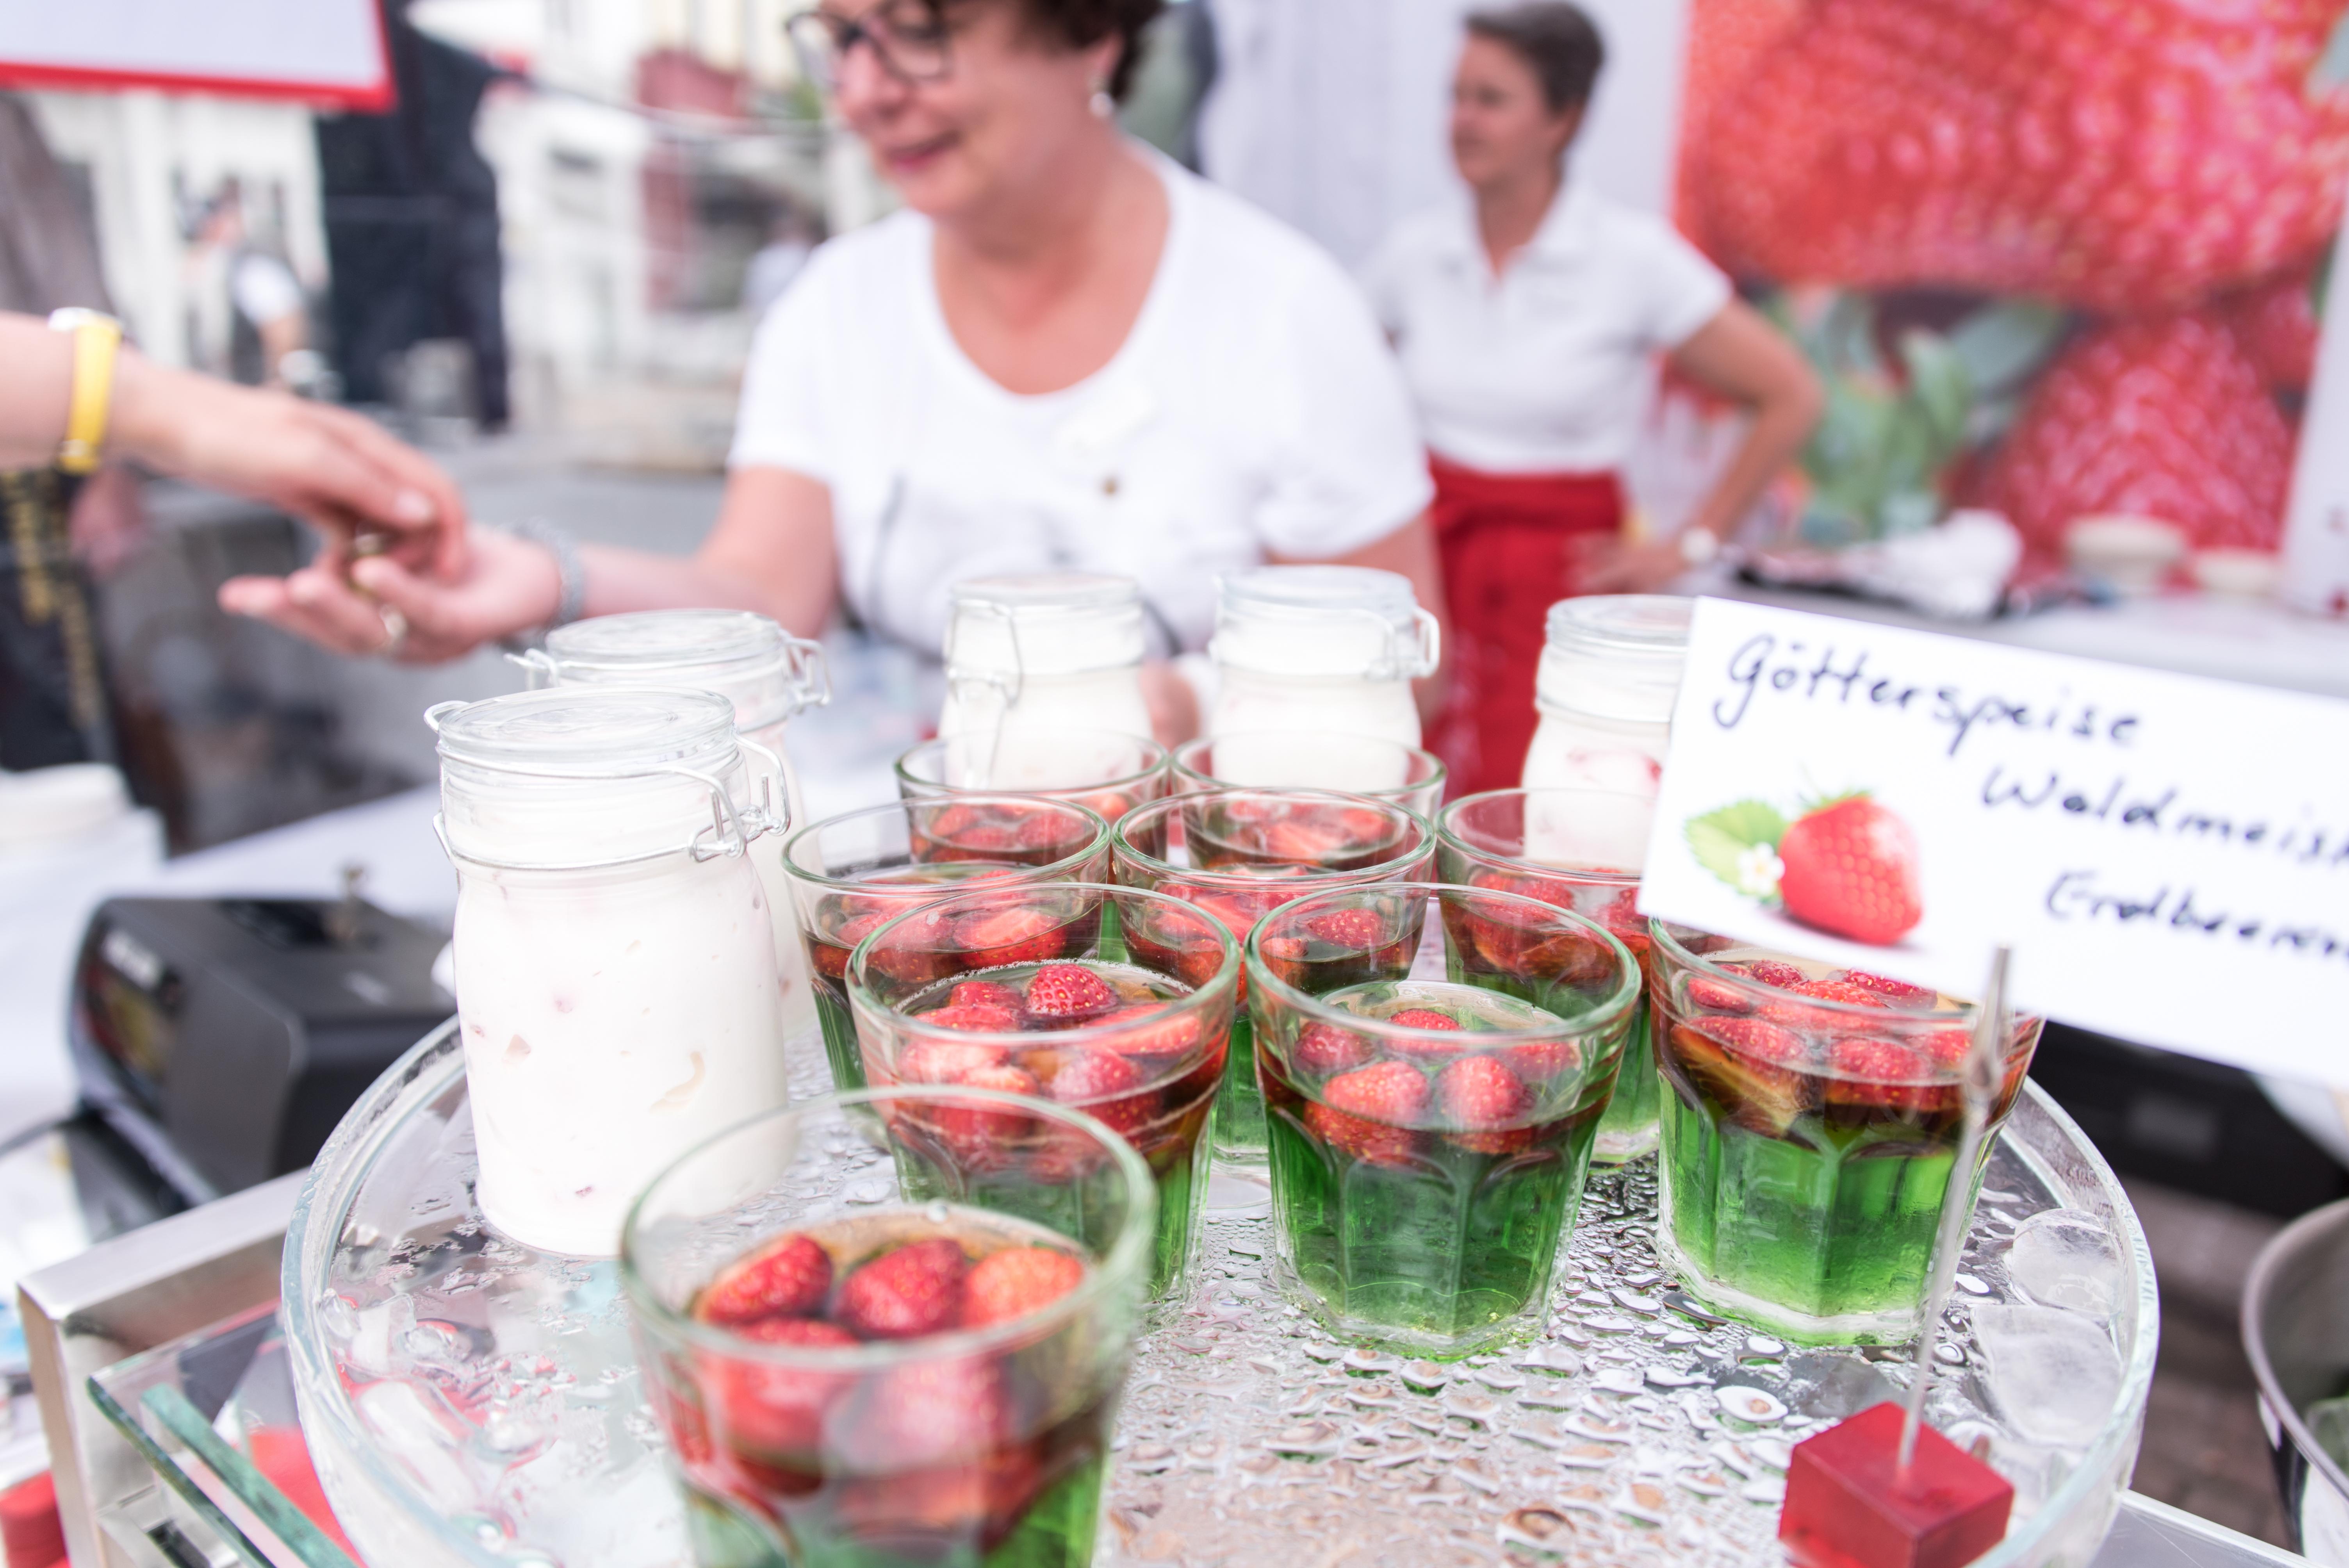 Pflanzenmarkt Erdbeerfest 2018 22